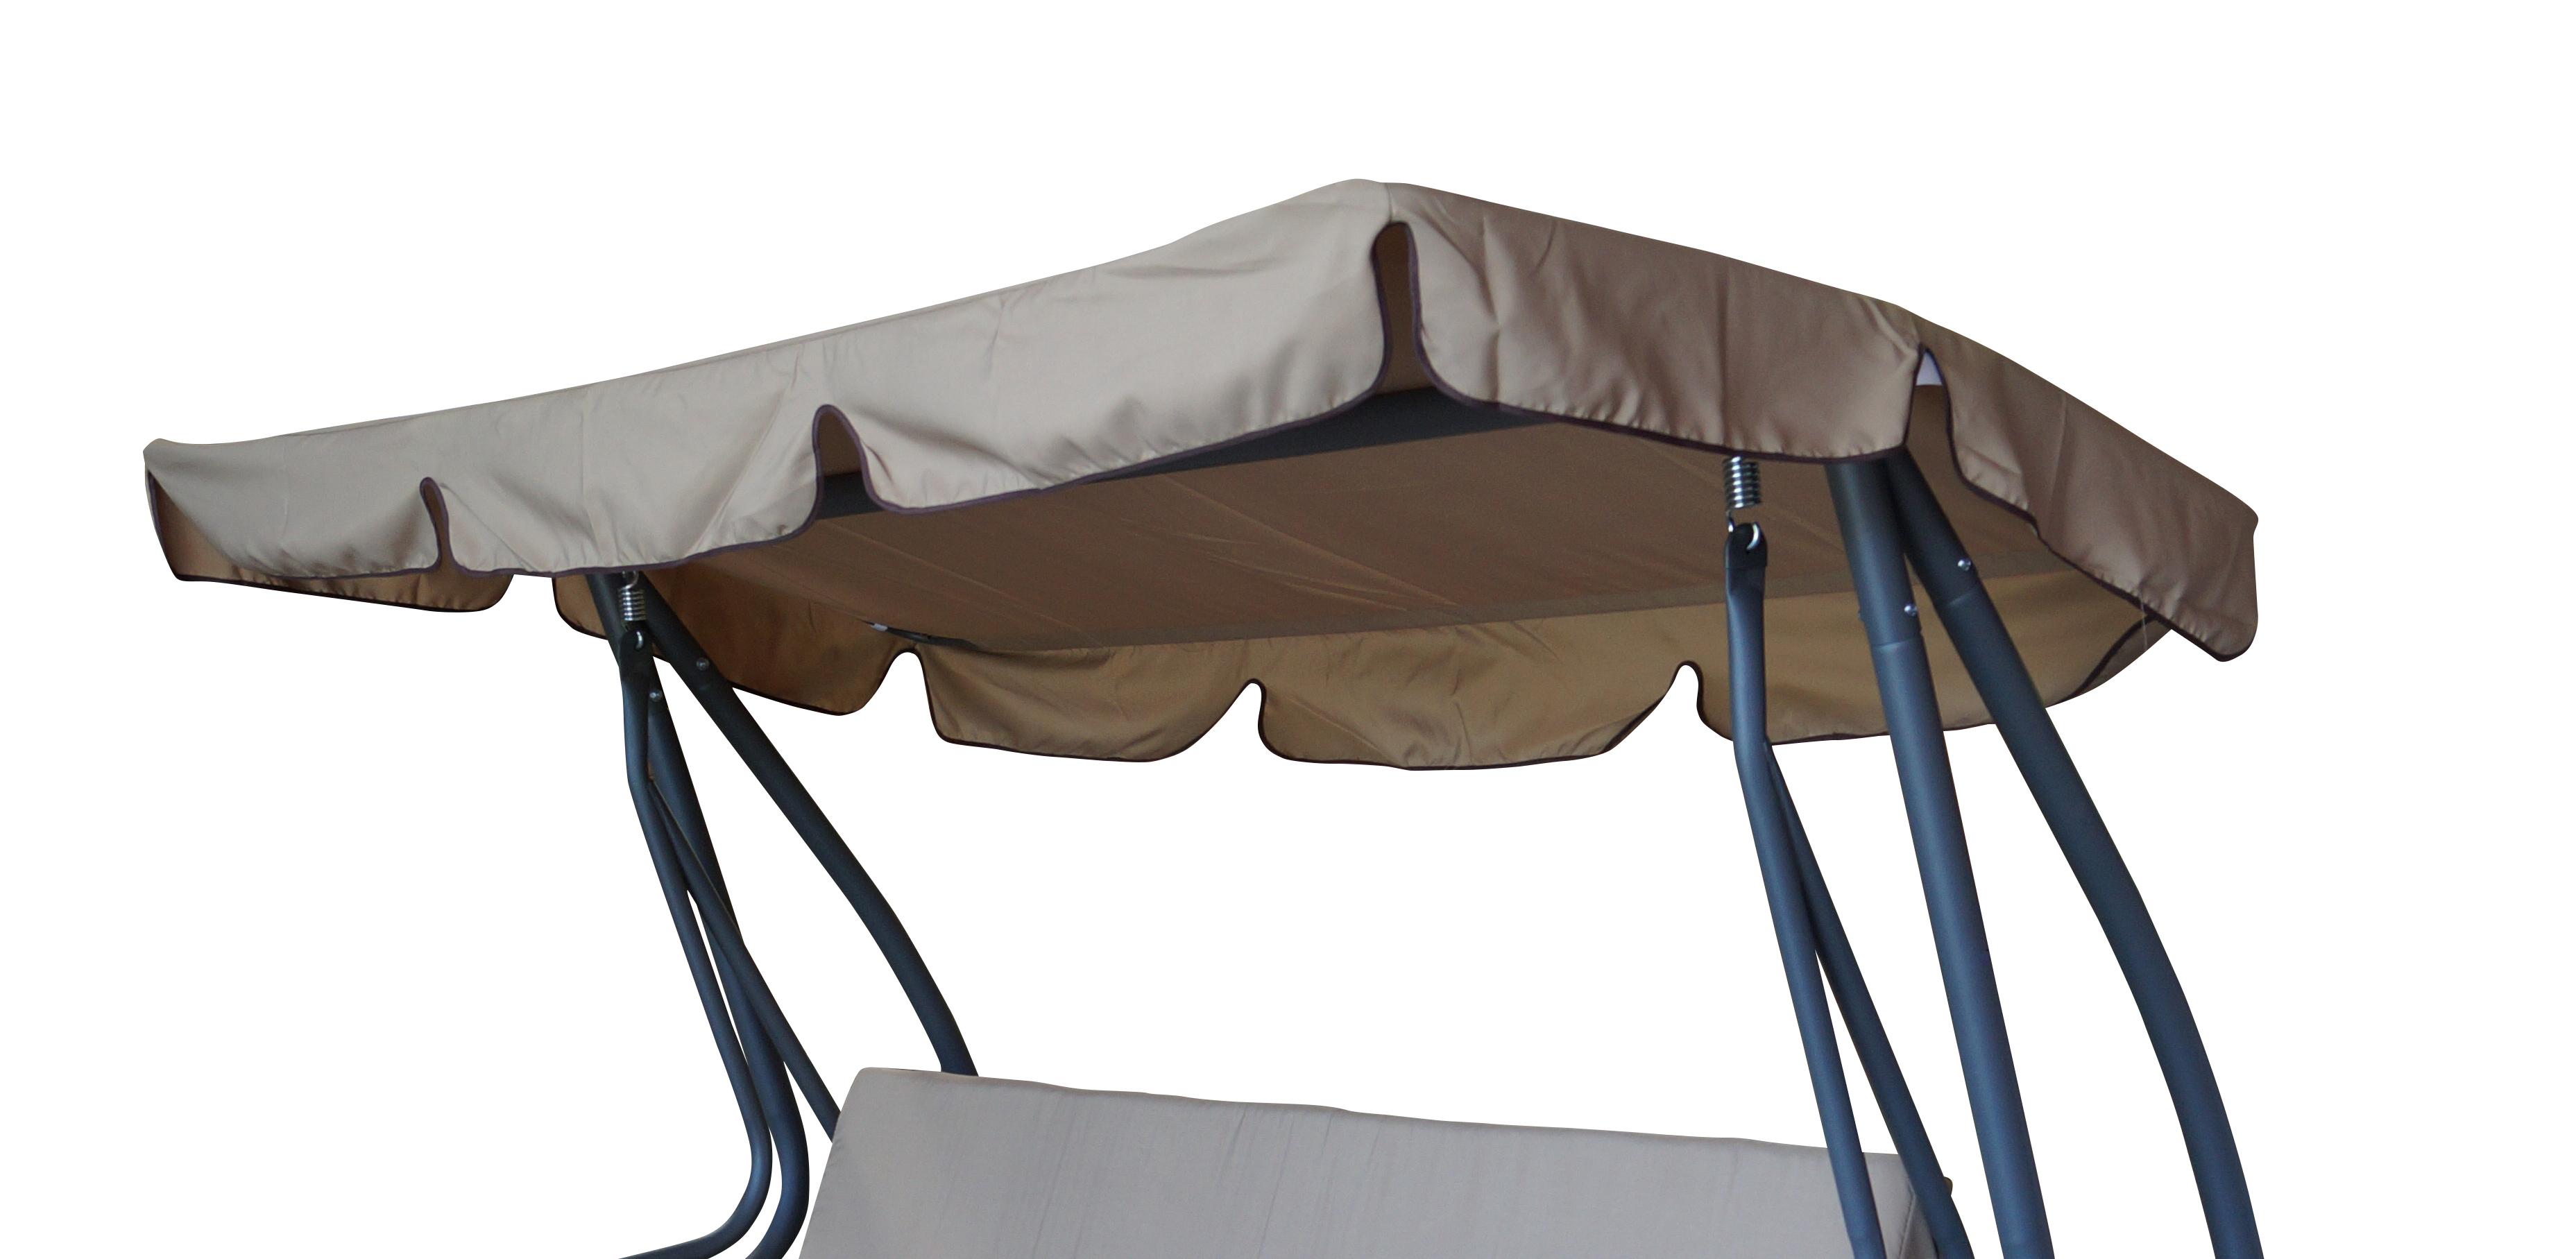 Dachplane für Hollywoodschaukel 200x120cm, cremefarben